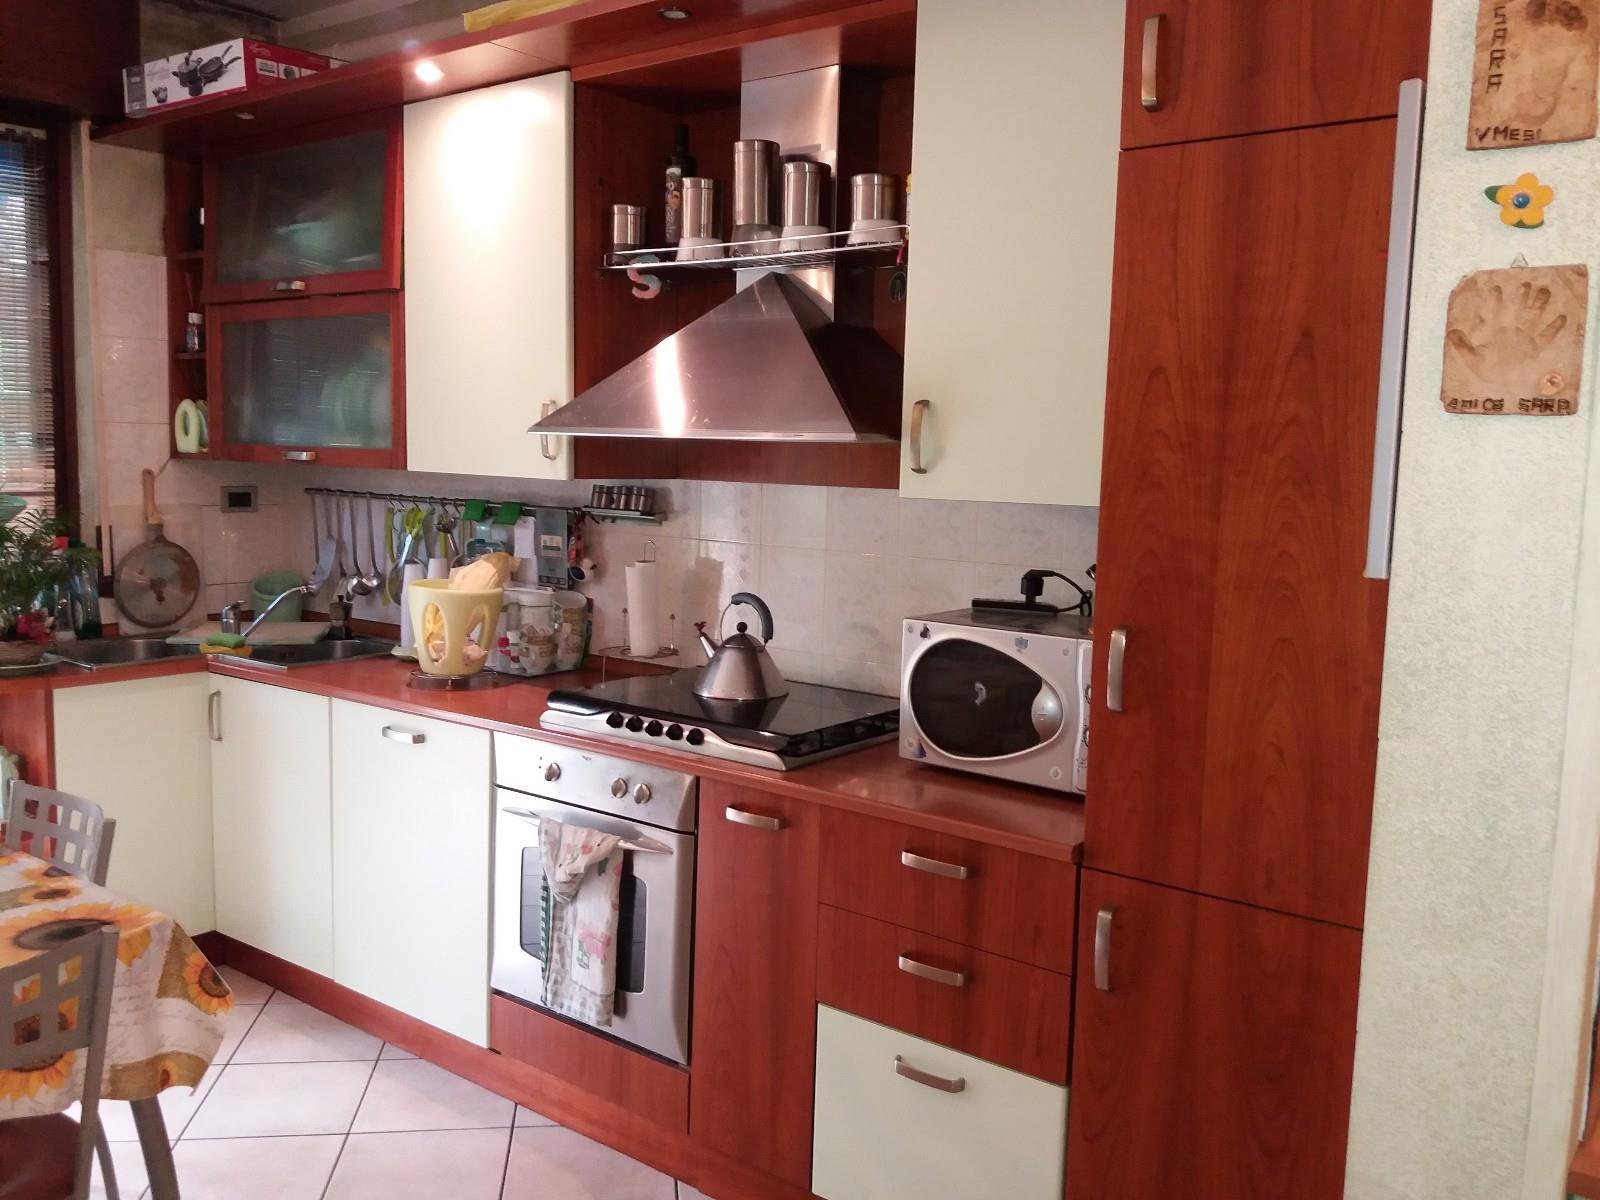 Foto 2 - Appartamento in Vendita - Cesano Maderno (Monza e Brianza)